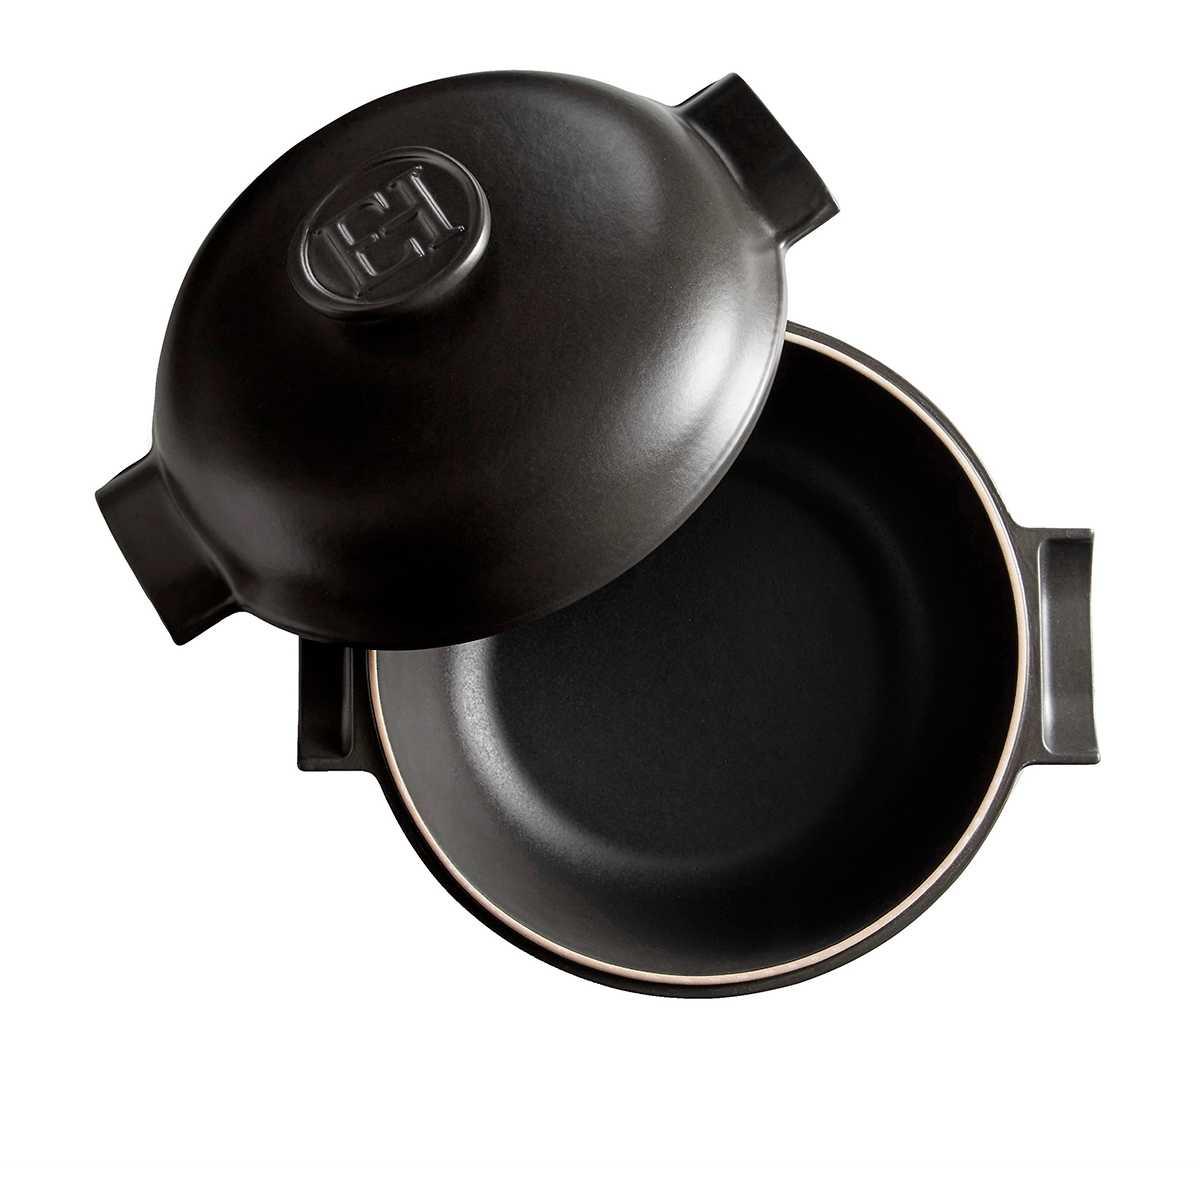 Кастрюля с крышкой керамическая индукционная Emile Henry DELIGHT, объем 4 л, черный Emile Henry 776640 фото 1